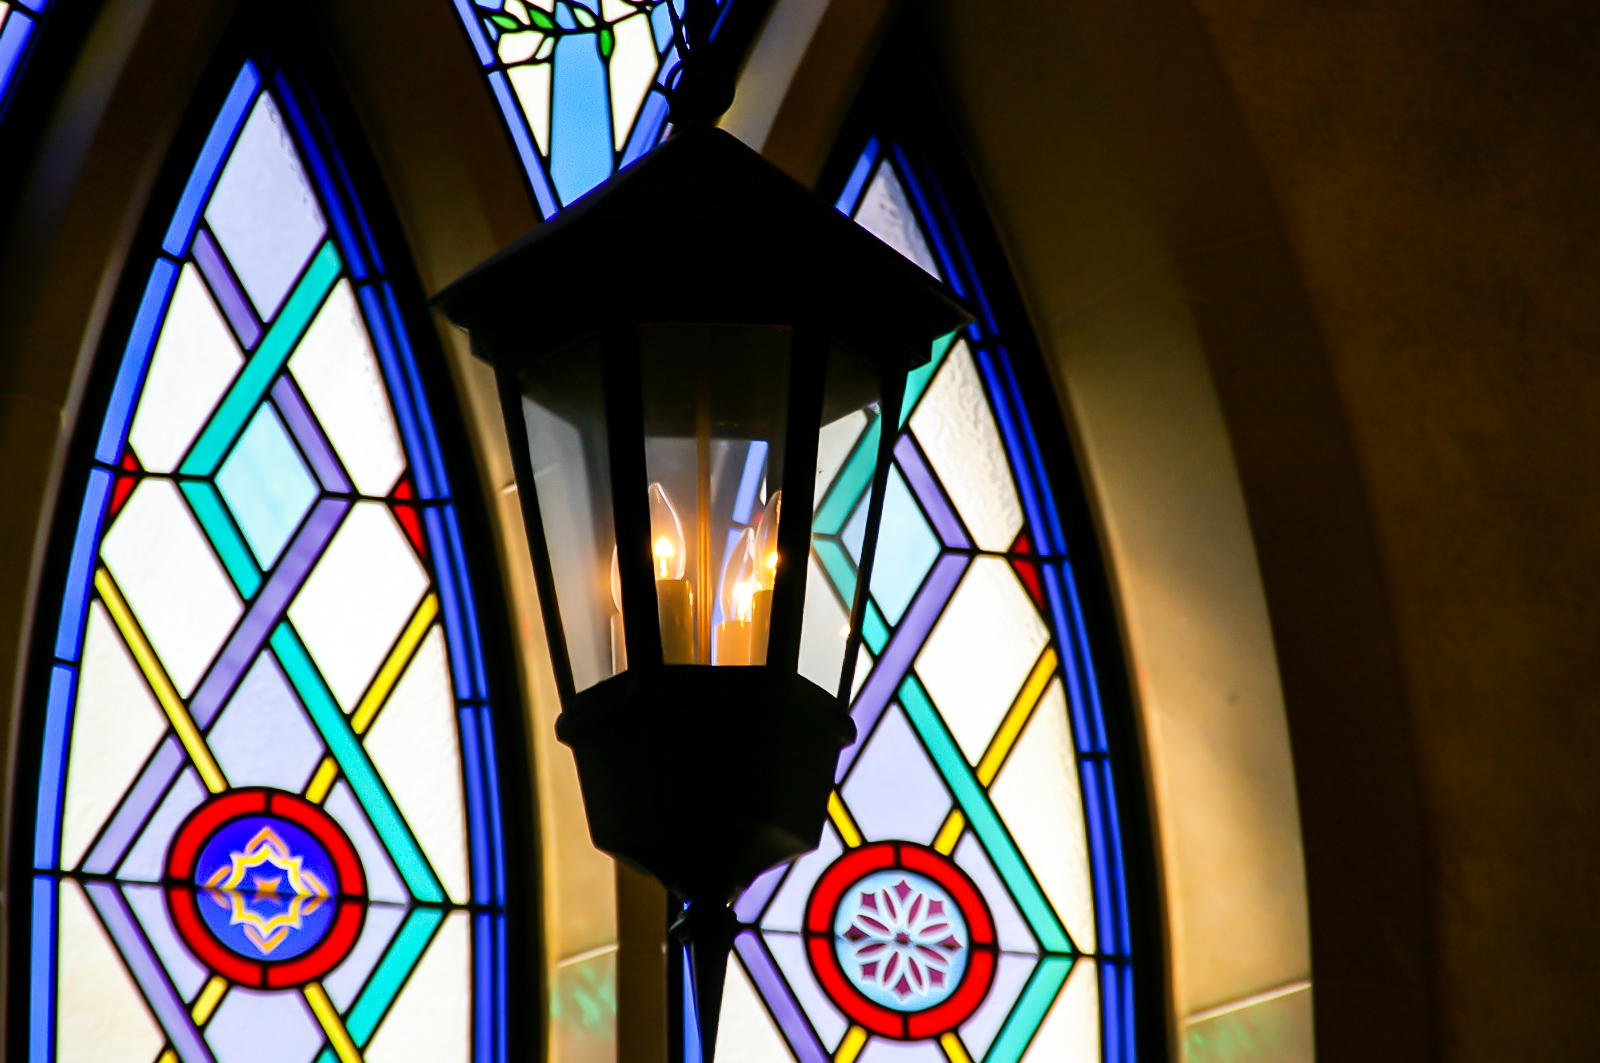 ランプとステンドグラス 無料画像 フリー写真素材 Activephotostyle